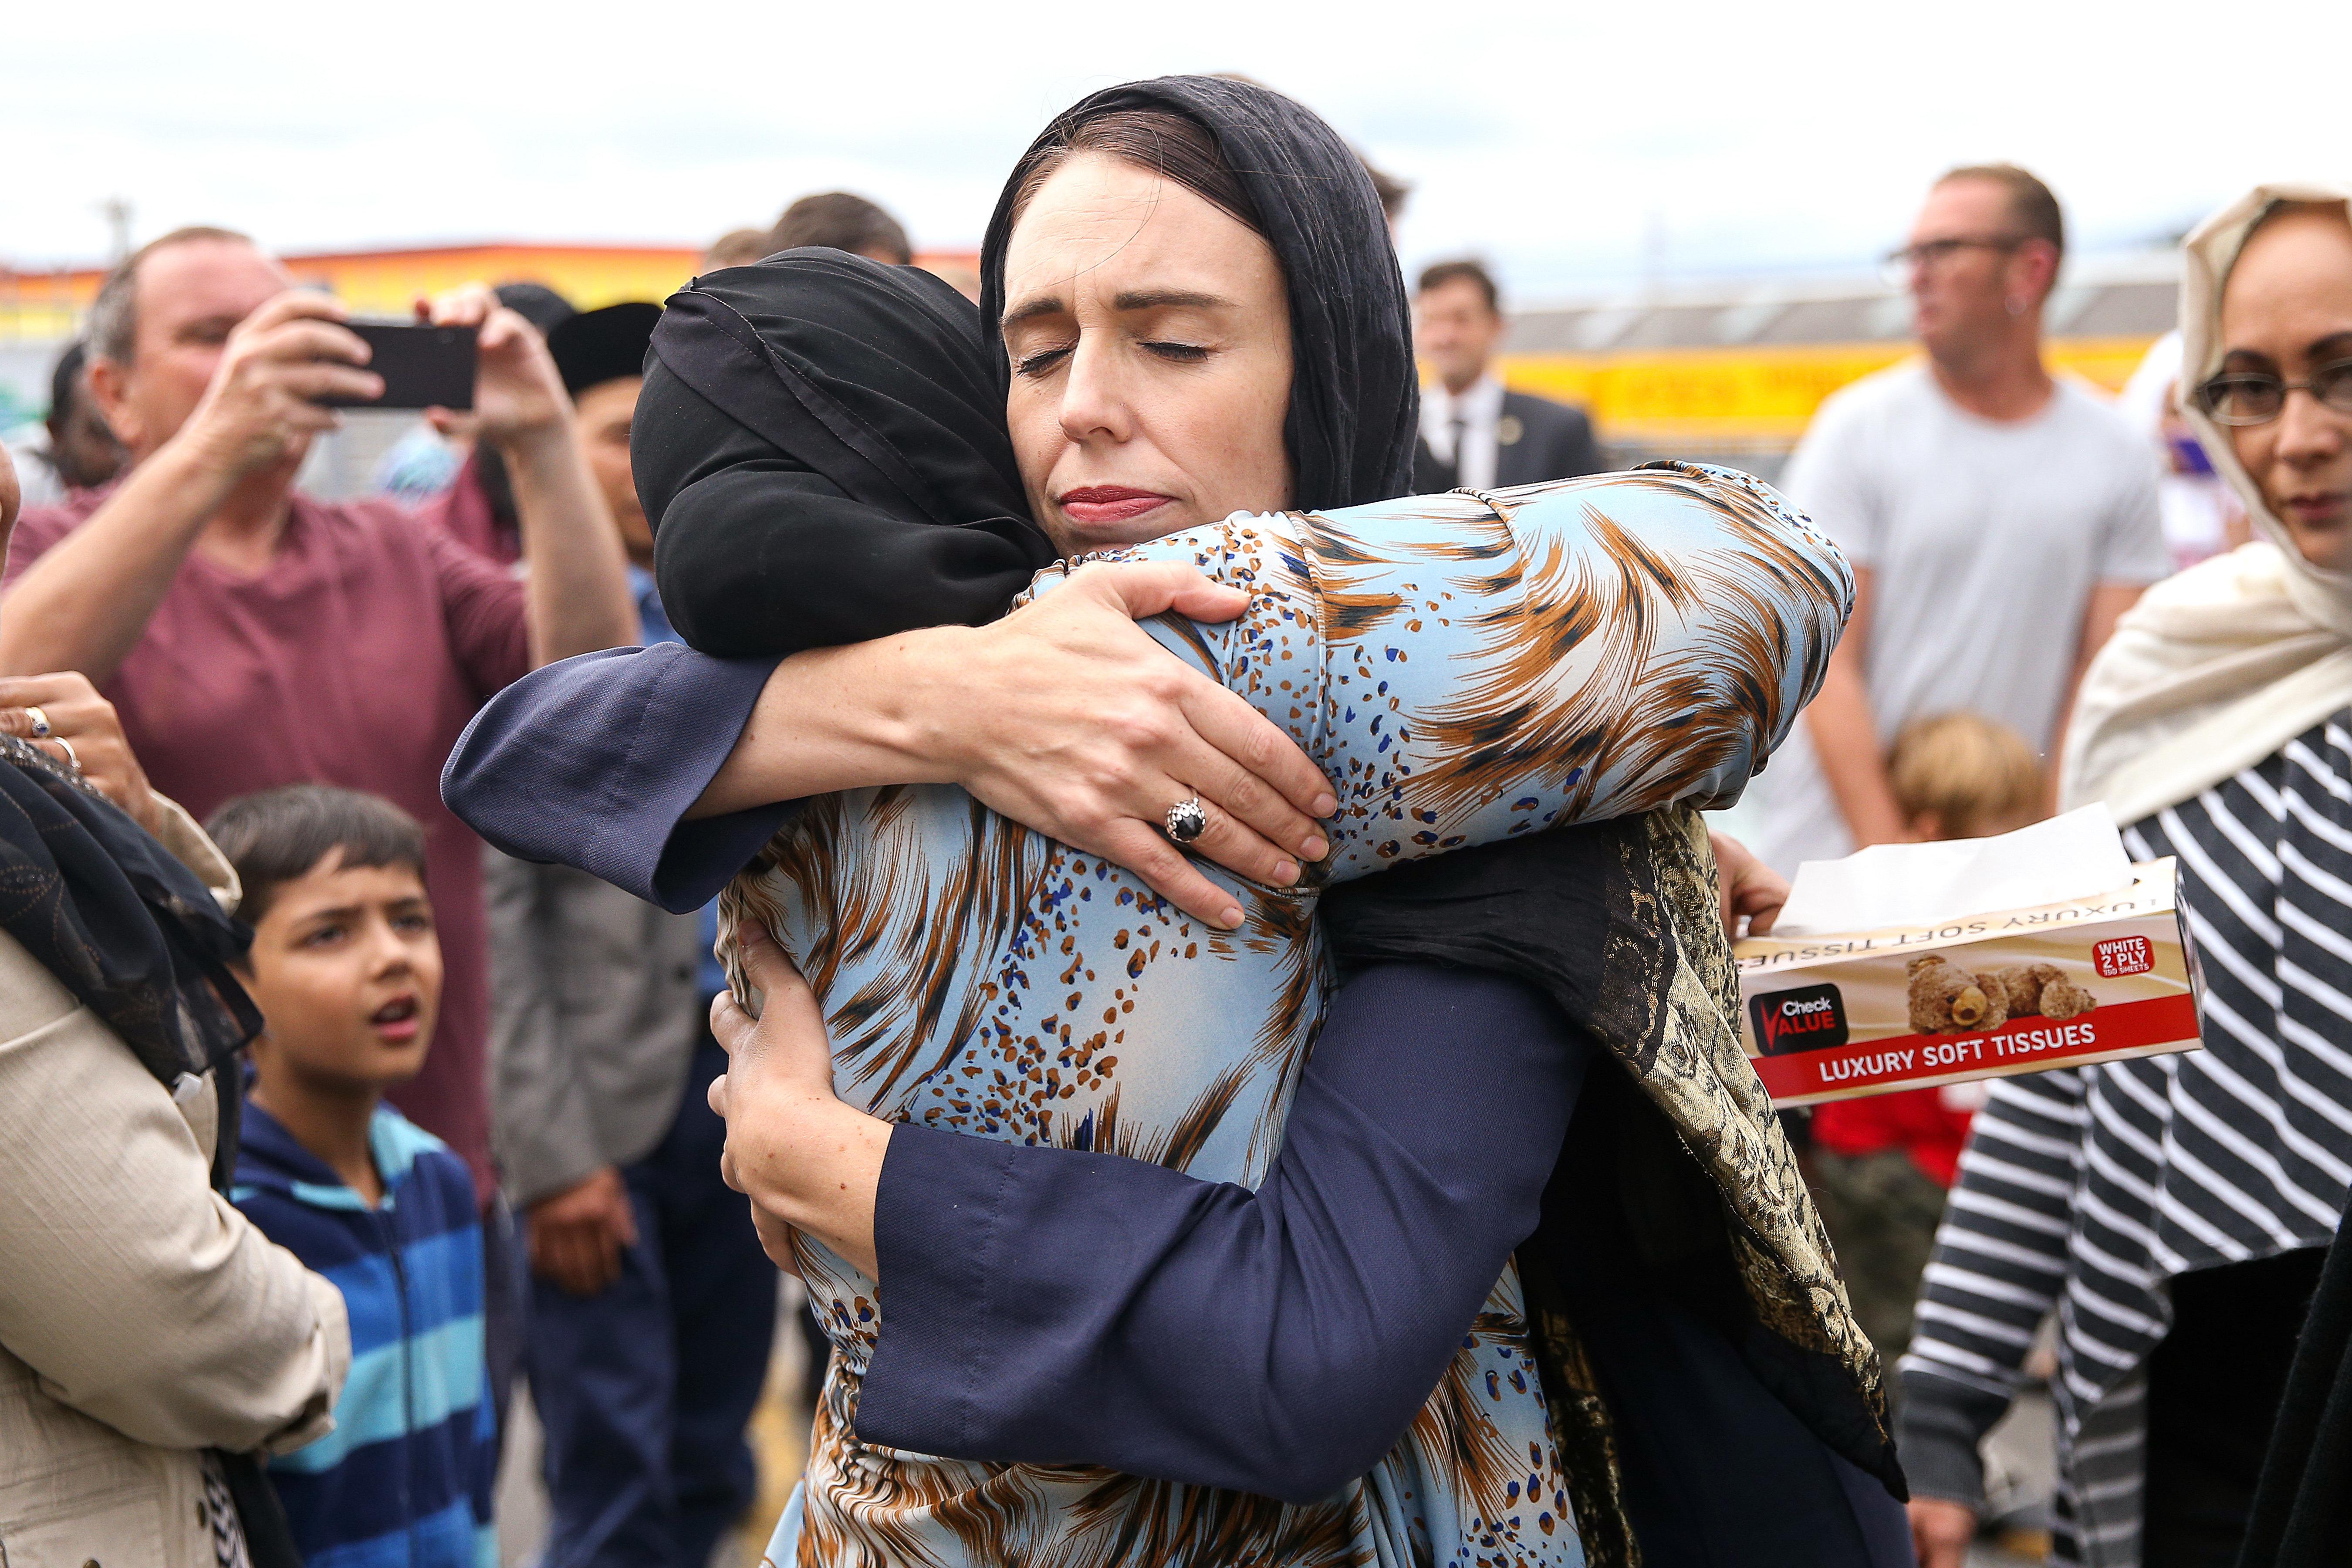 전 세계의 찬사가 쏟아진 뉴질랜드 총리의 테러 대응